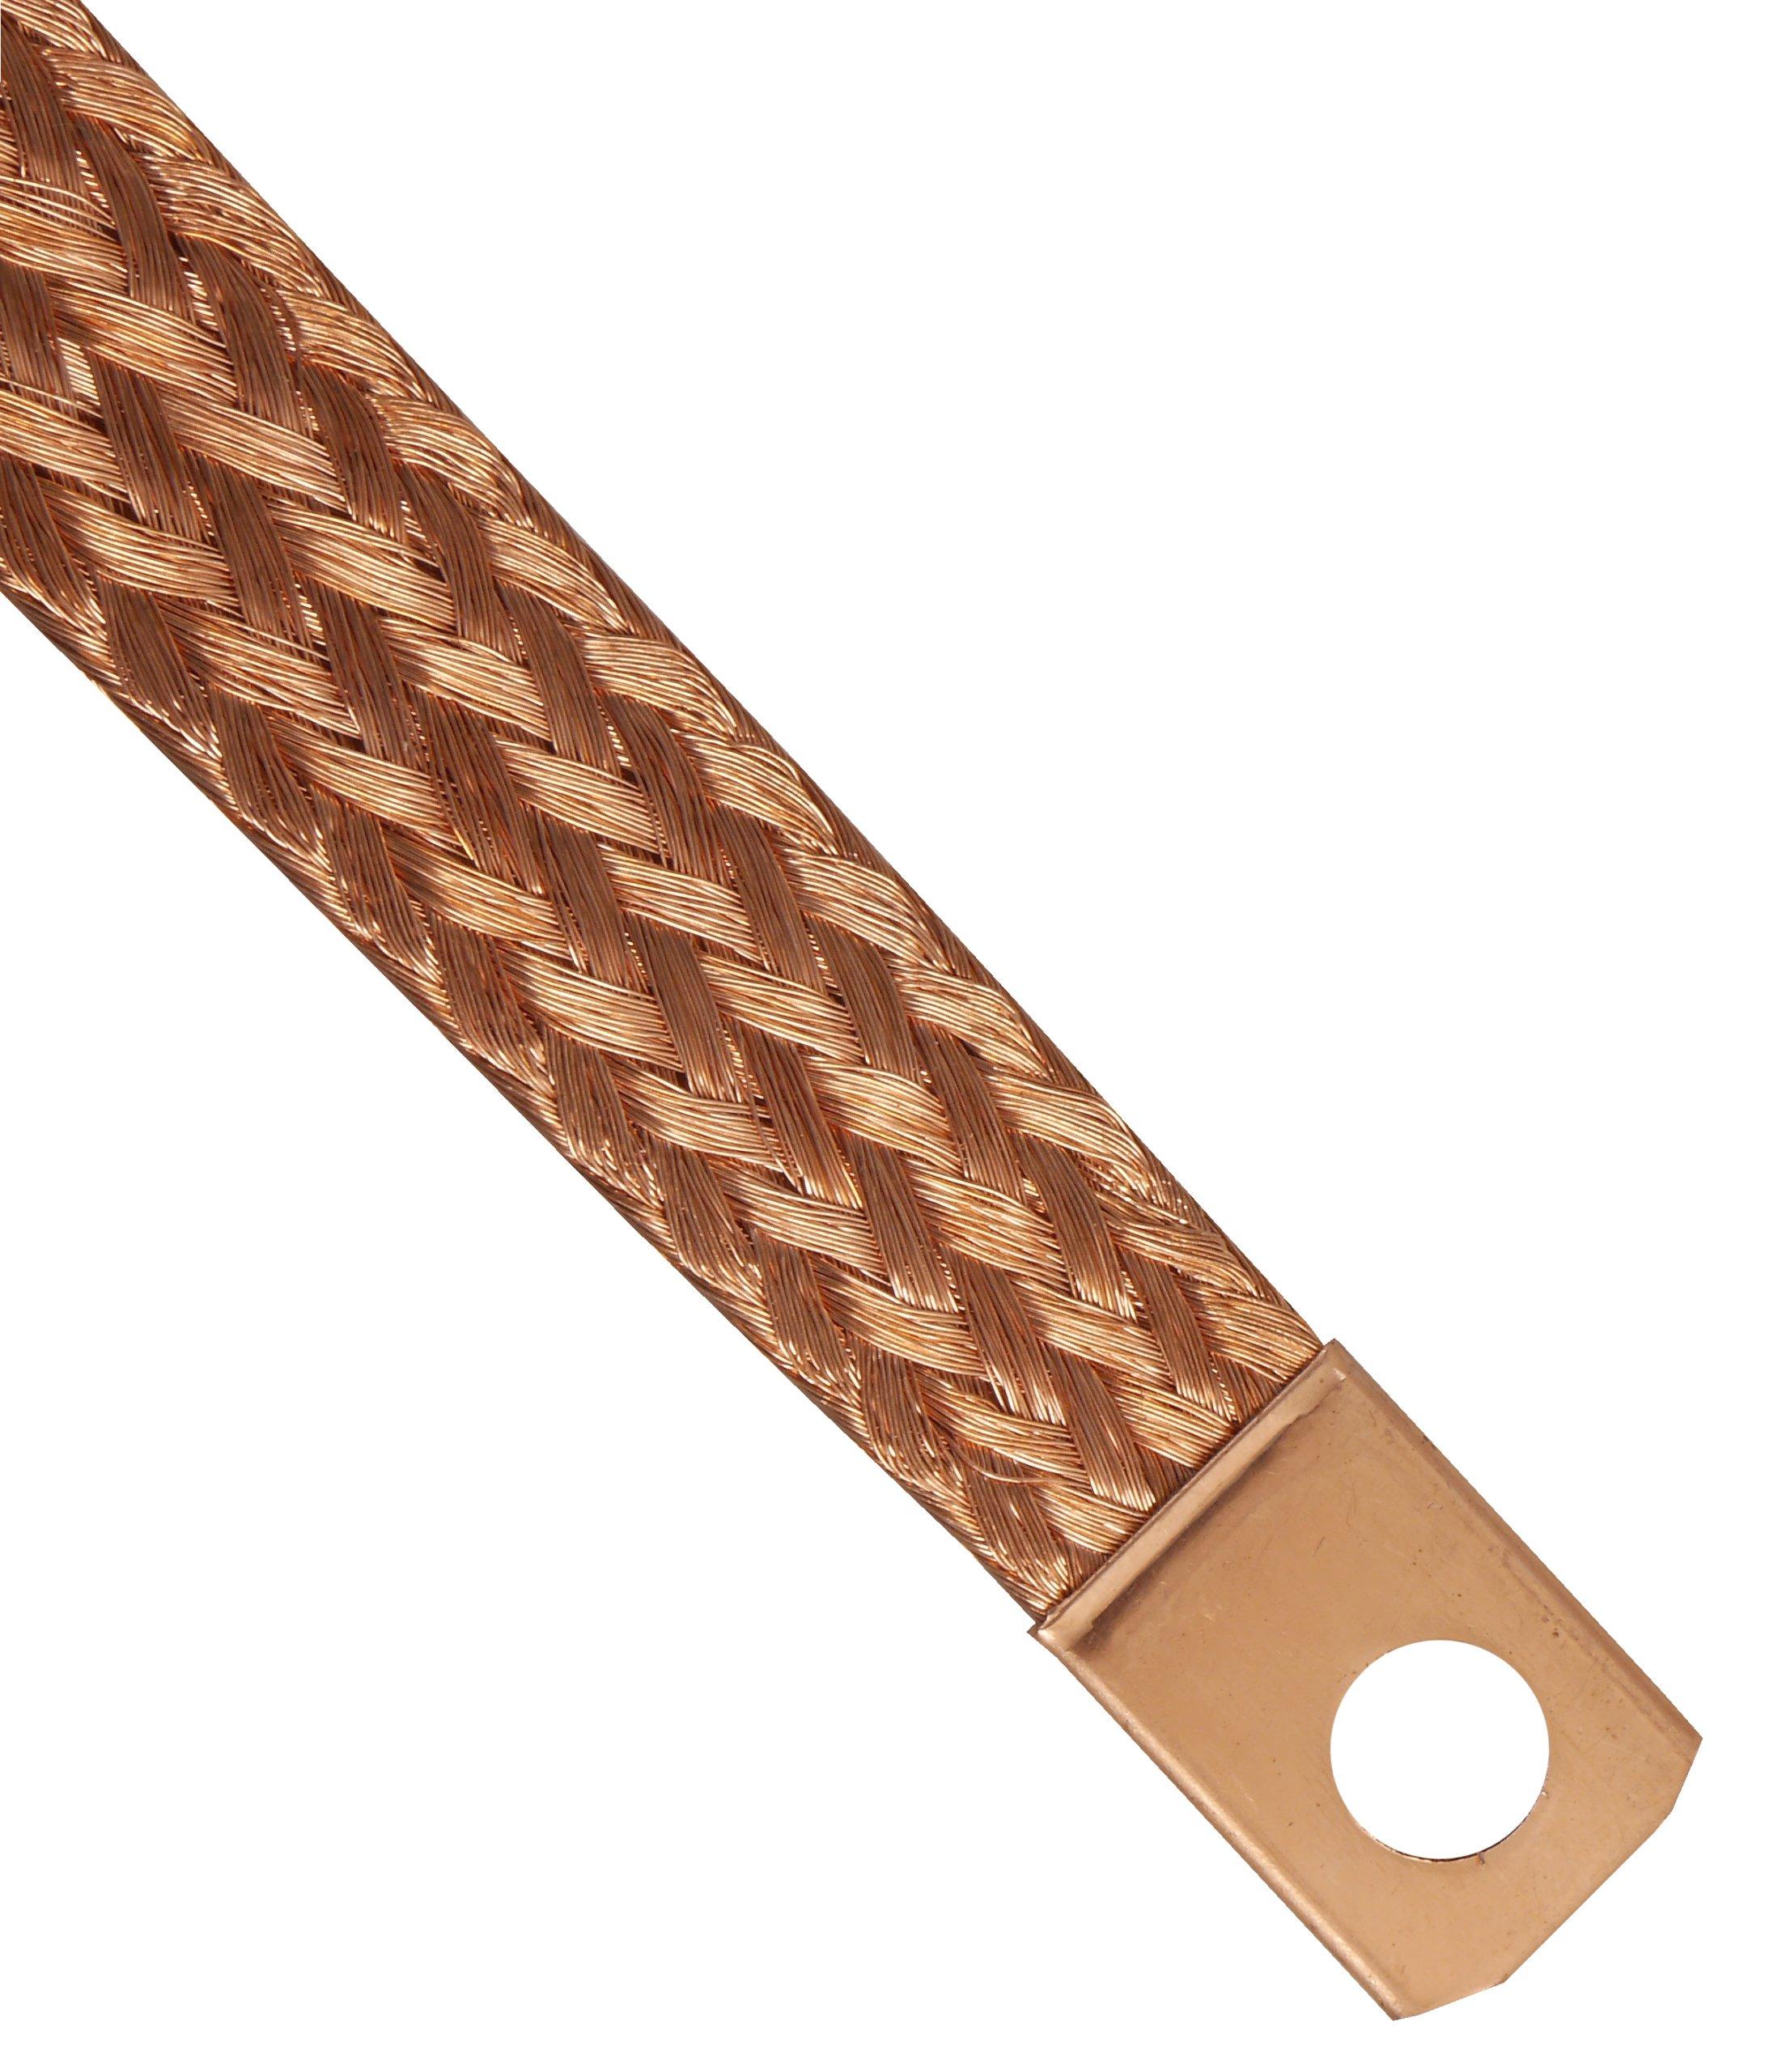 плетенка кабель кабель массы массовый 31cm медный